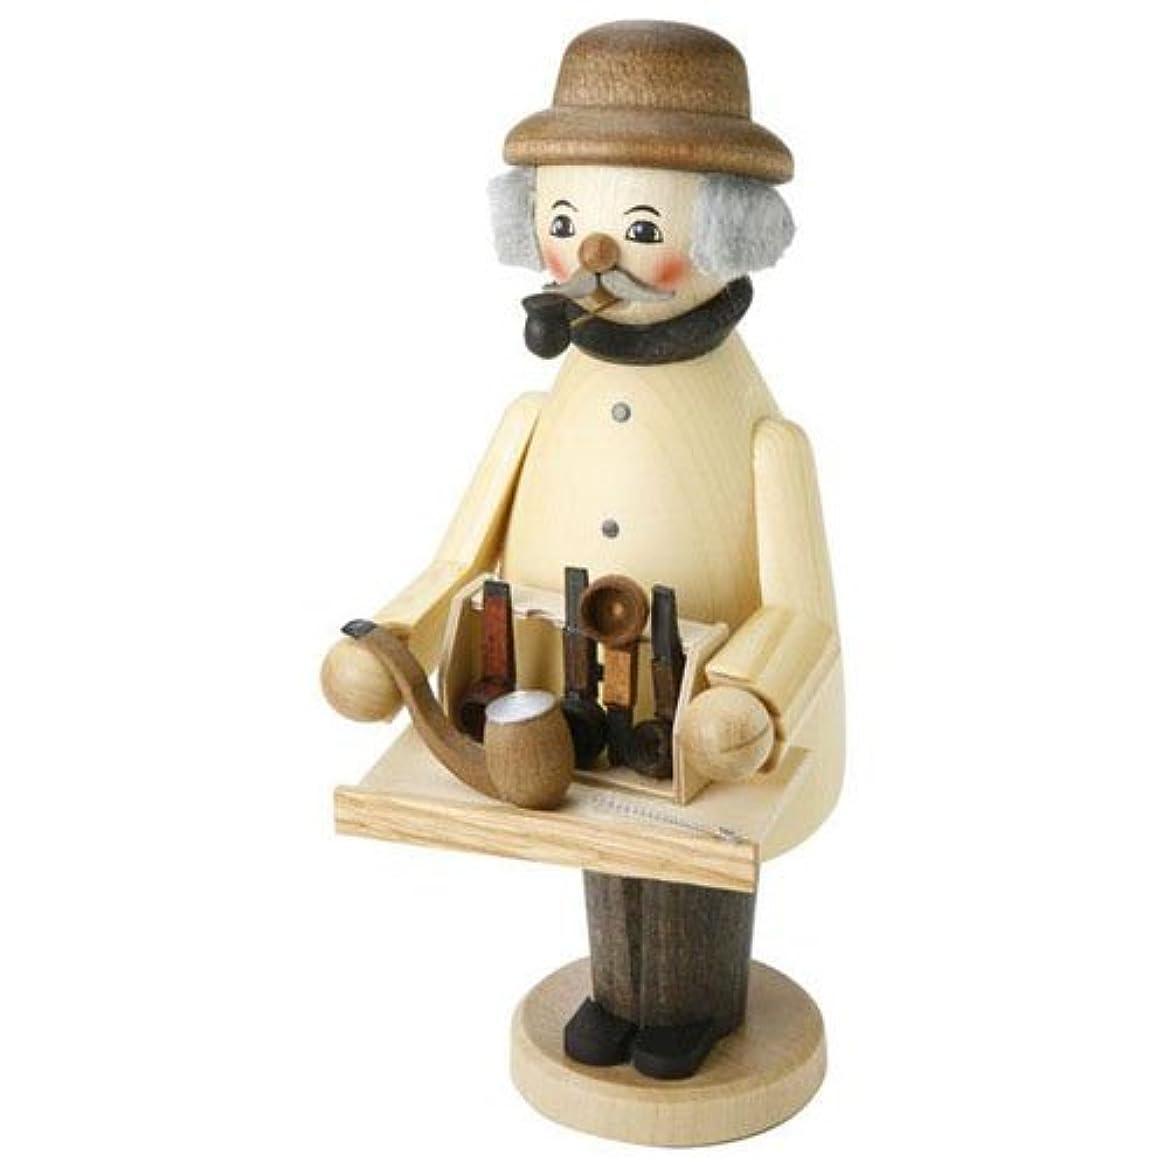 層アクセス膨張する39089 Kuhnert(クーネルト) ミニパイプ人形香炉 パイプ売り